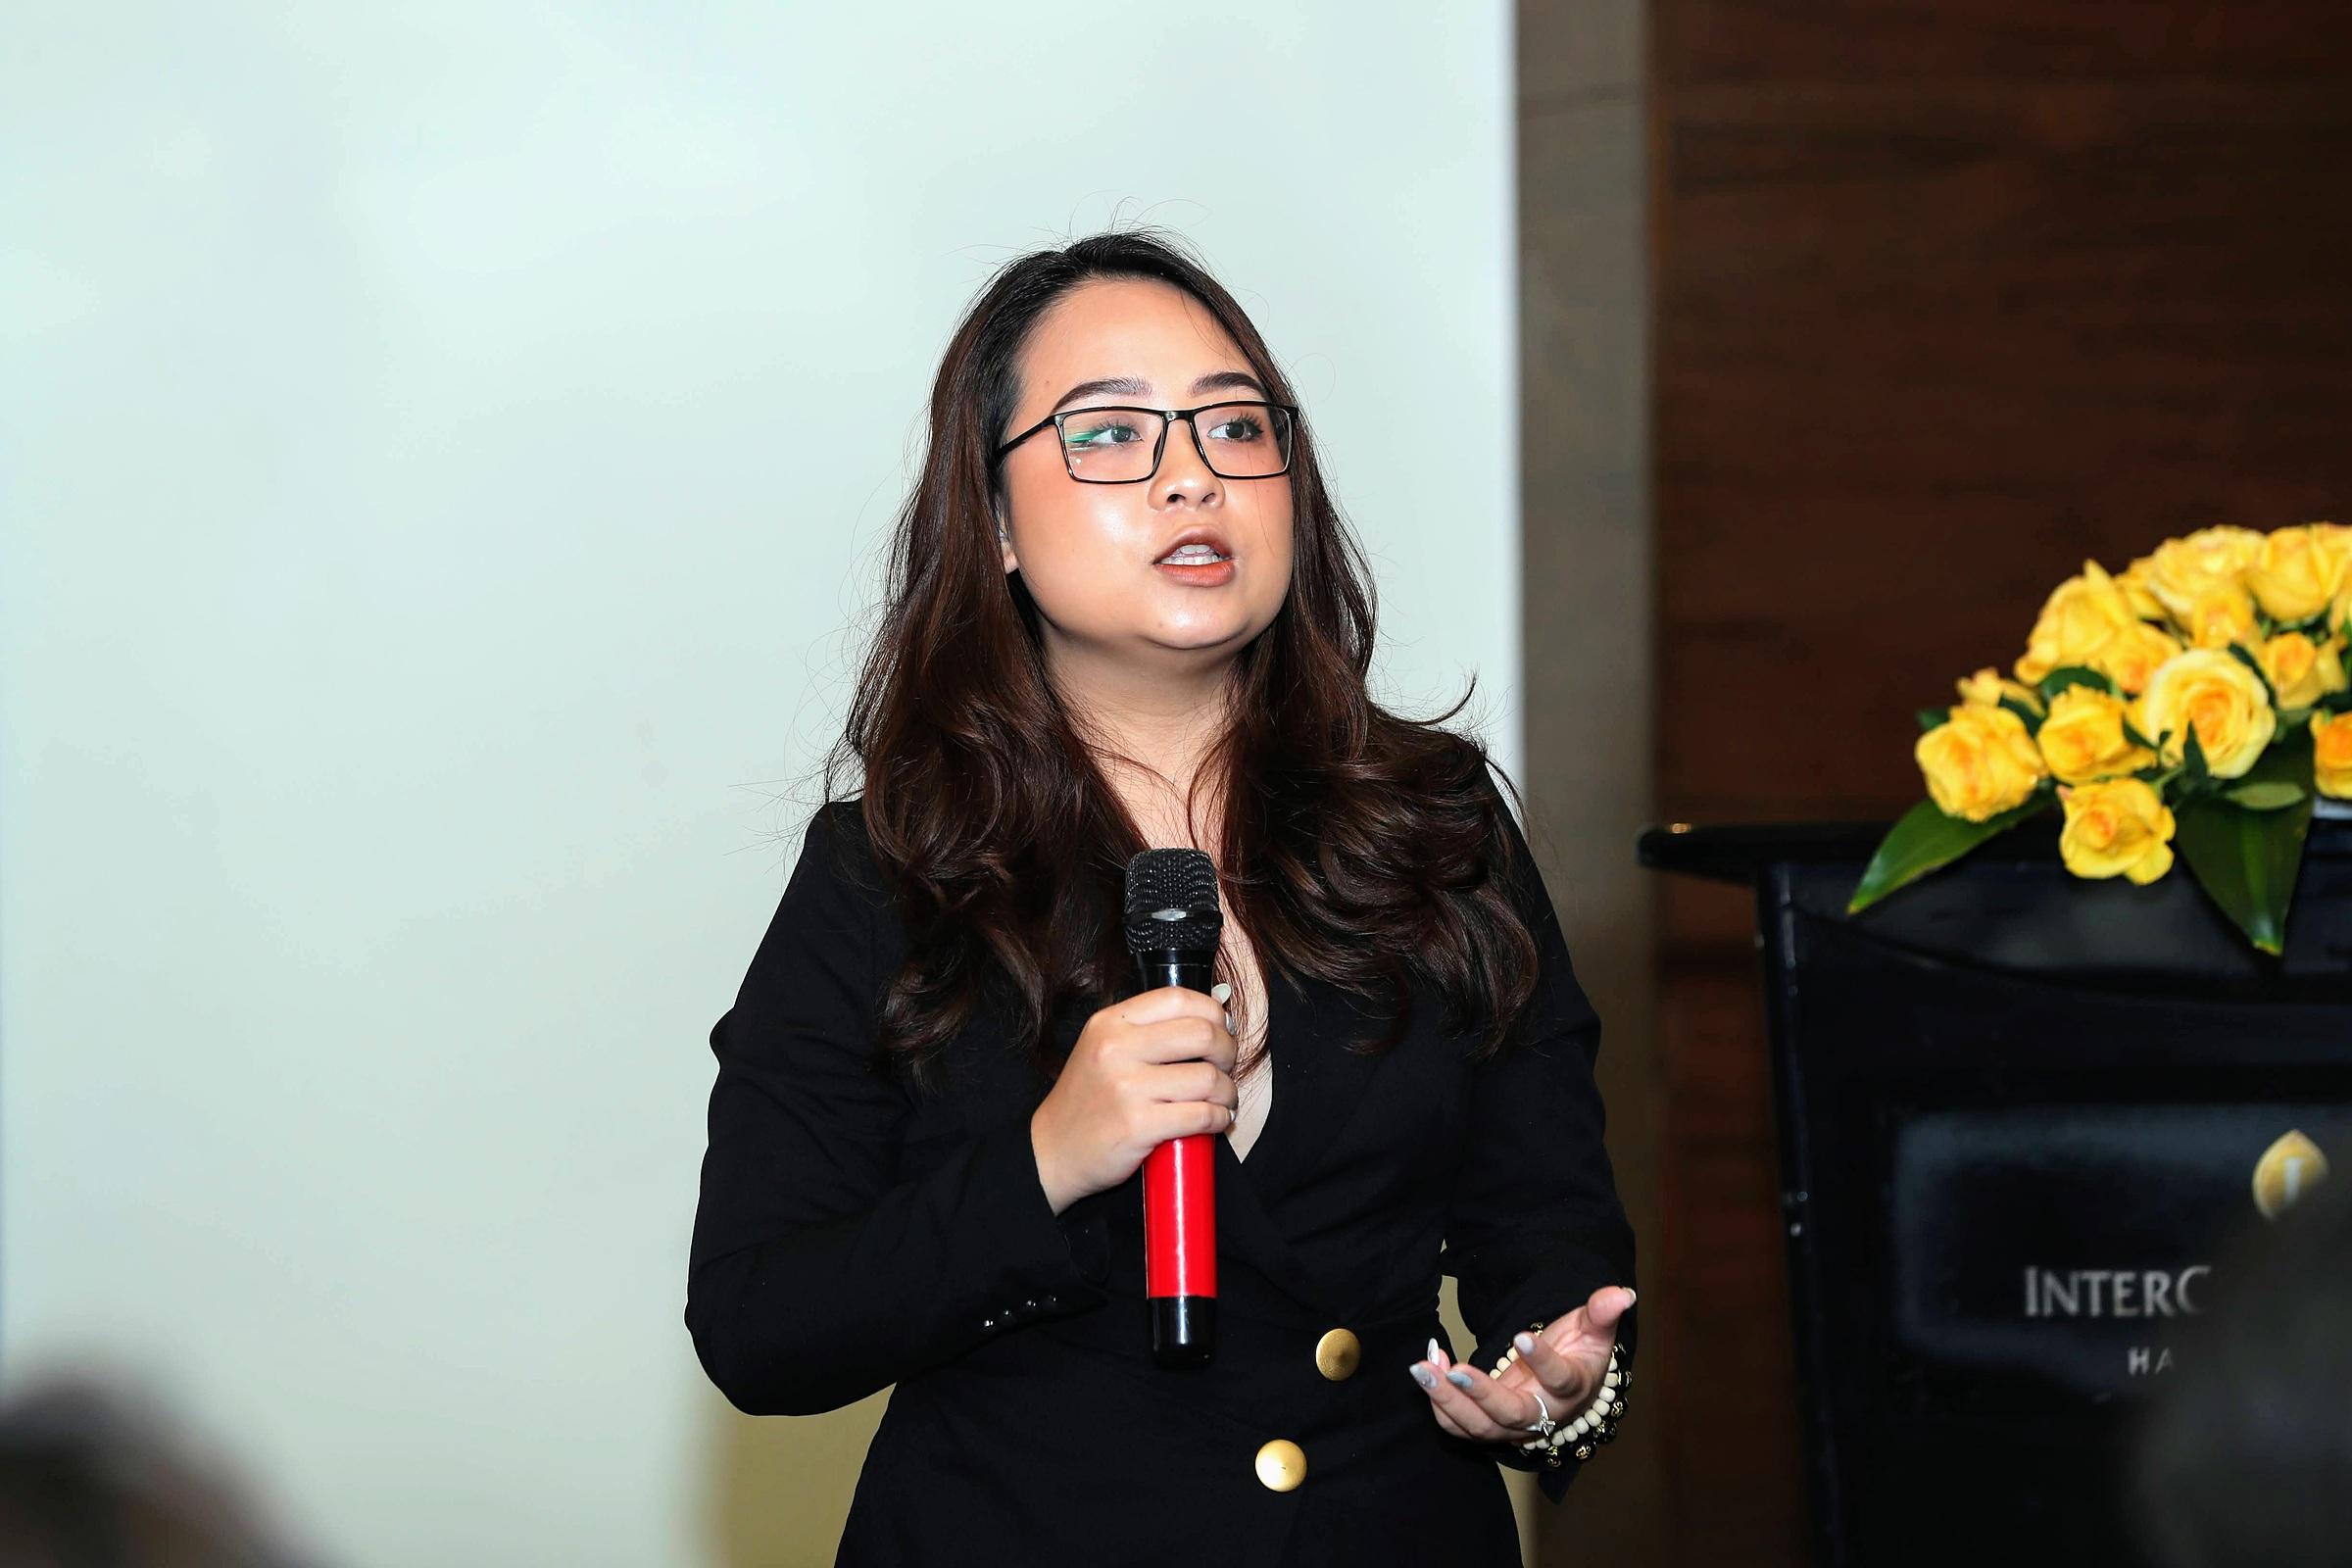 Nguyễn Ngọc Tú Uyên - Diễn giả xếp hạng 18 trong Giải vô địch tranh luận châu Á 2017. Ảnh: Phạm Chiểu.